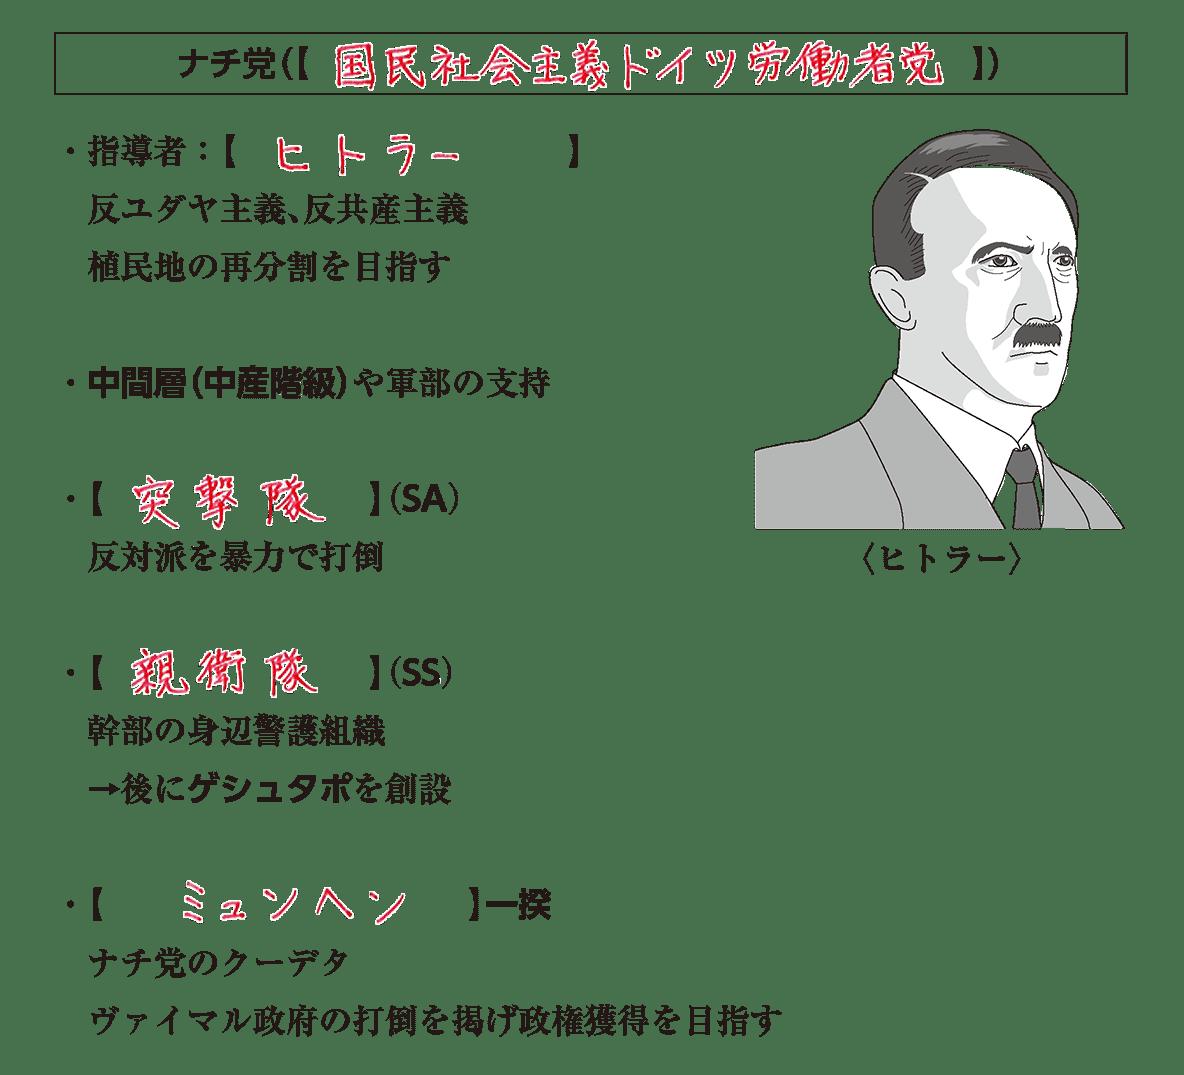 世界恐慌とファシズム諸国の侵略4 ポイント1 答え全部